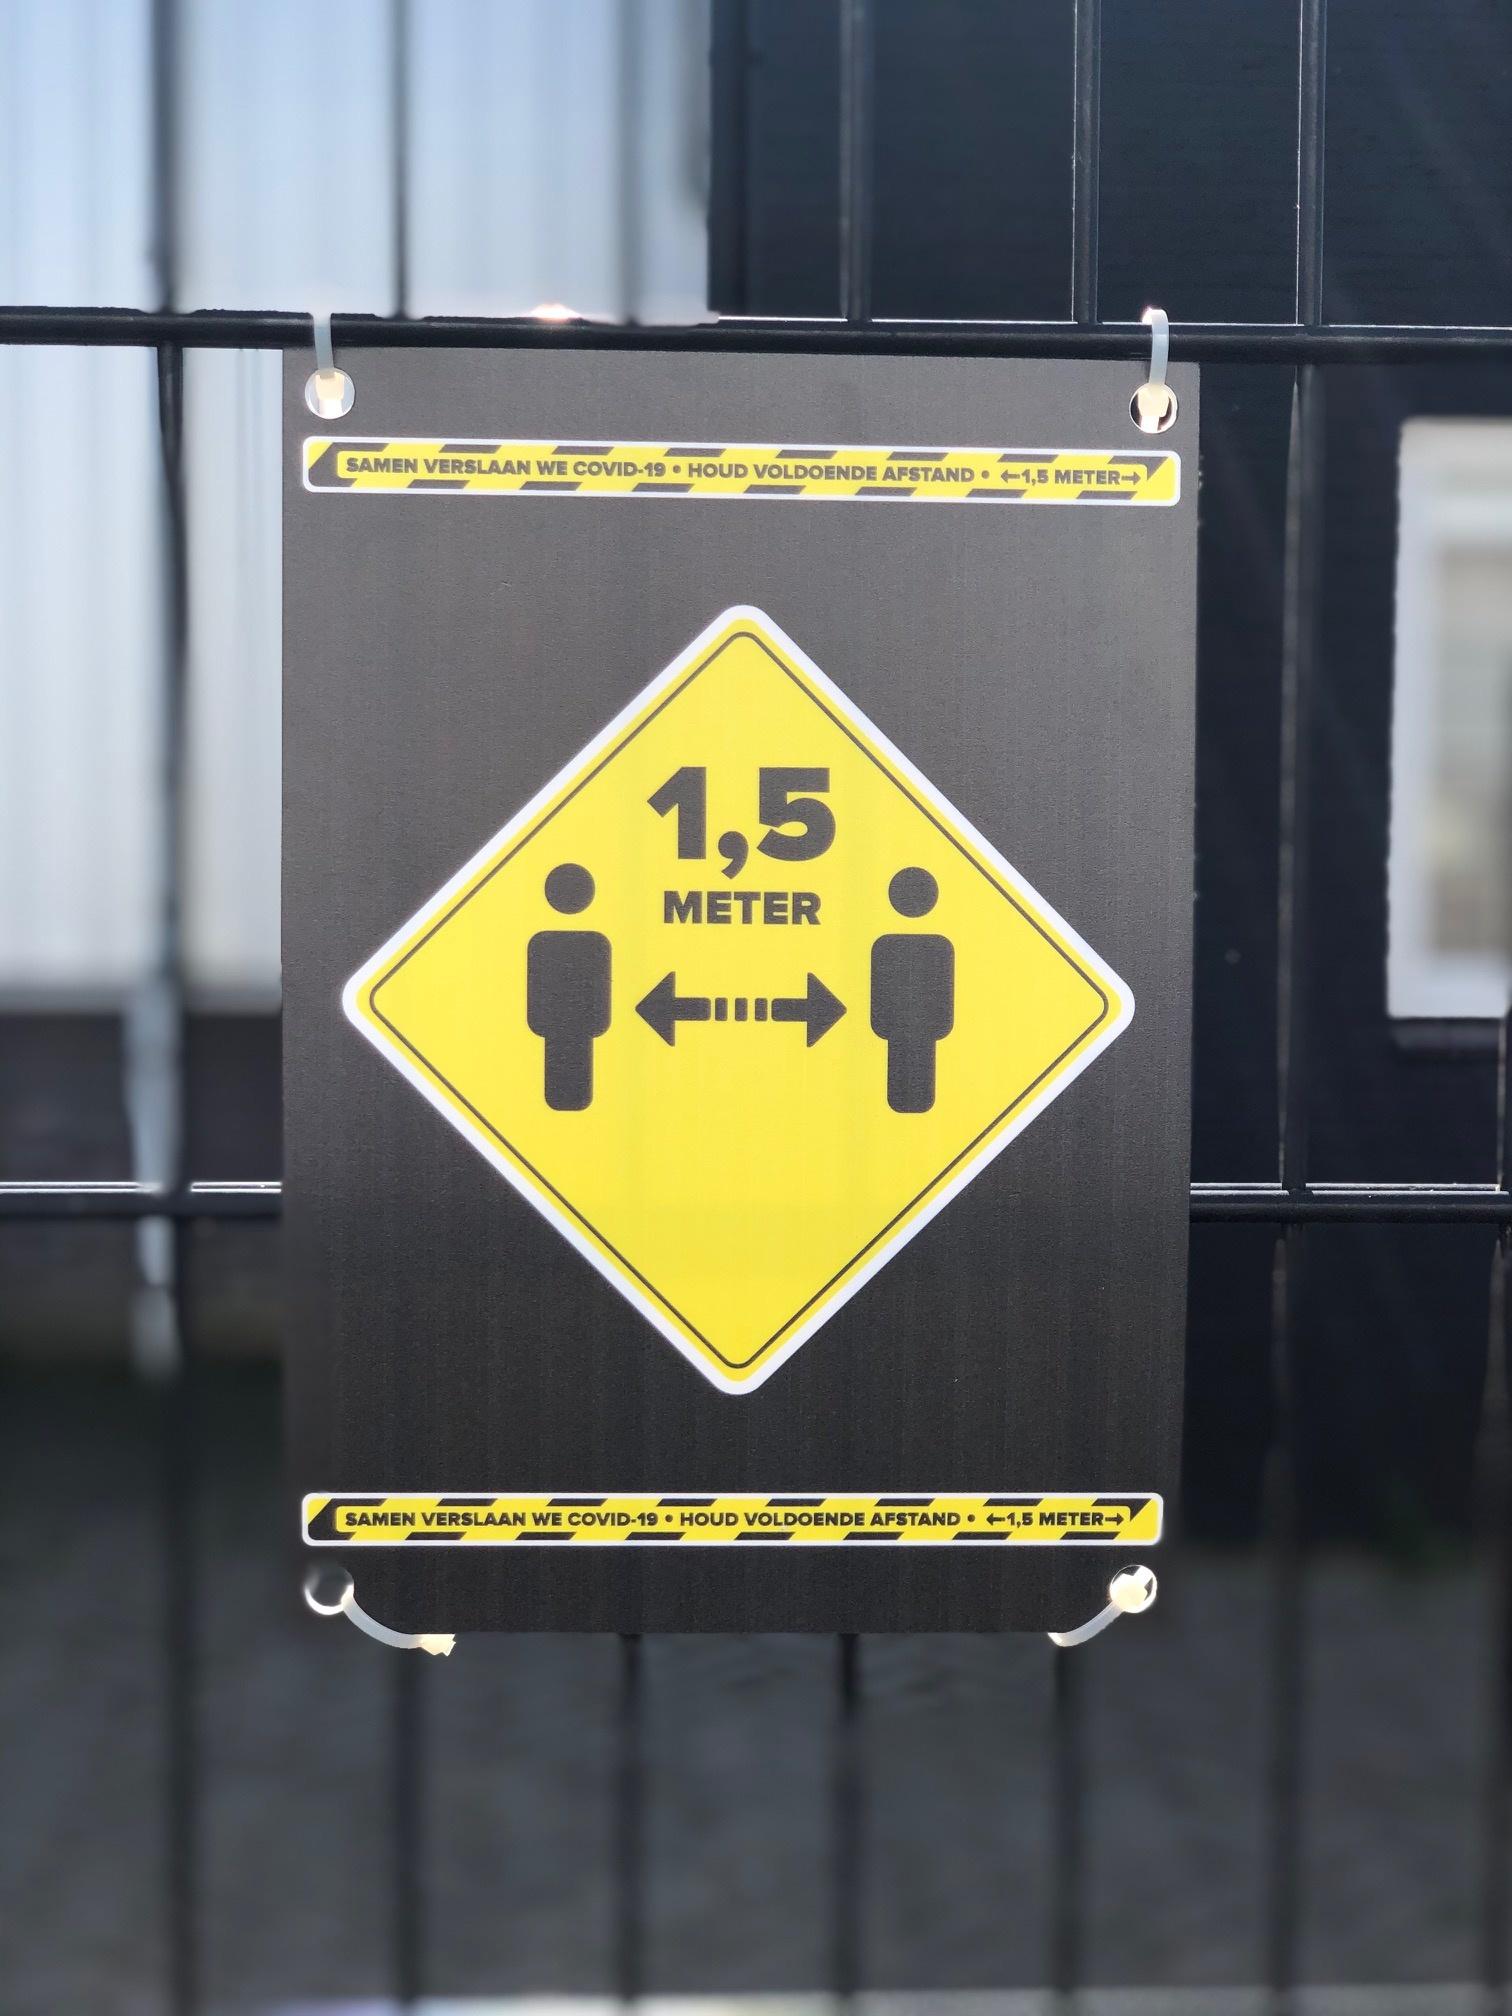 Keep sign 1.5 meters away